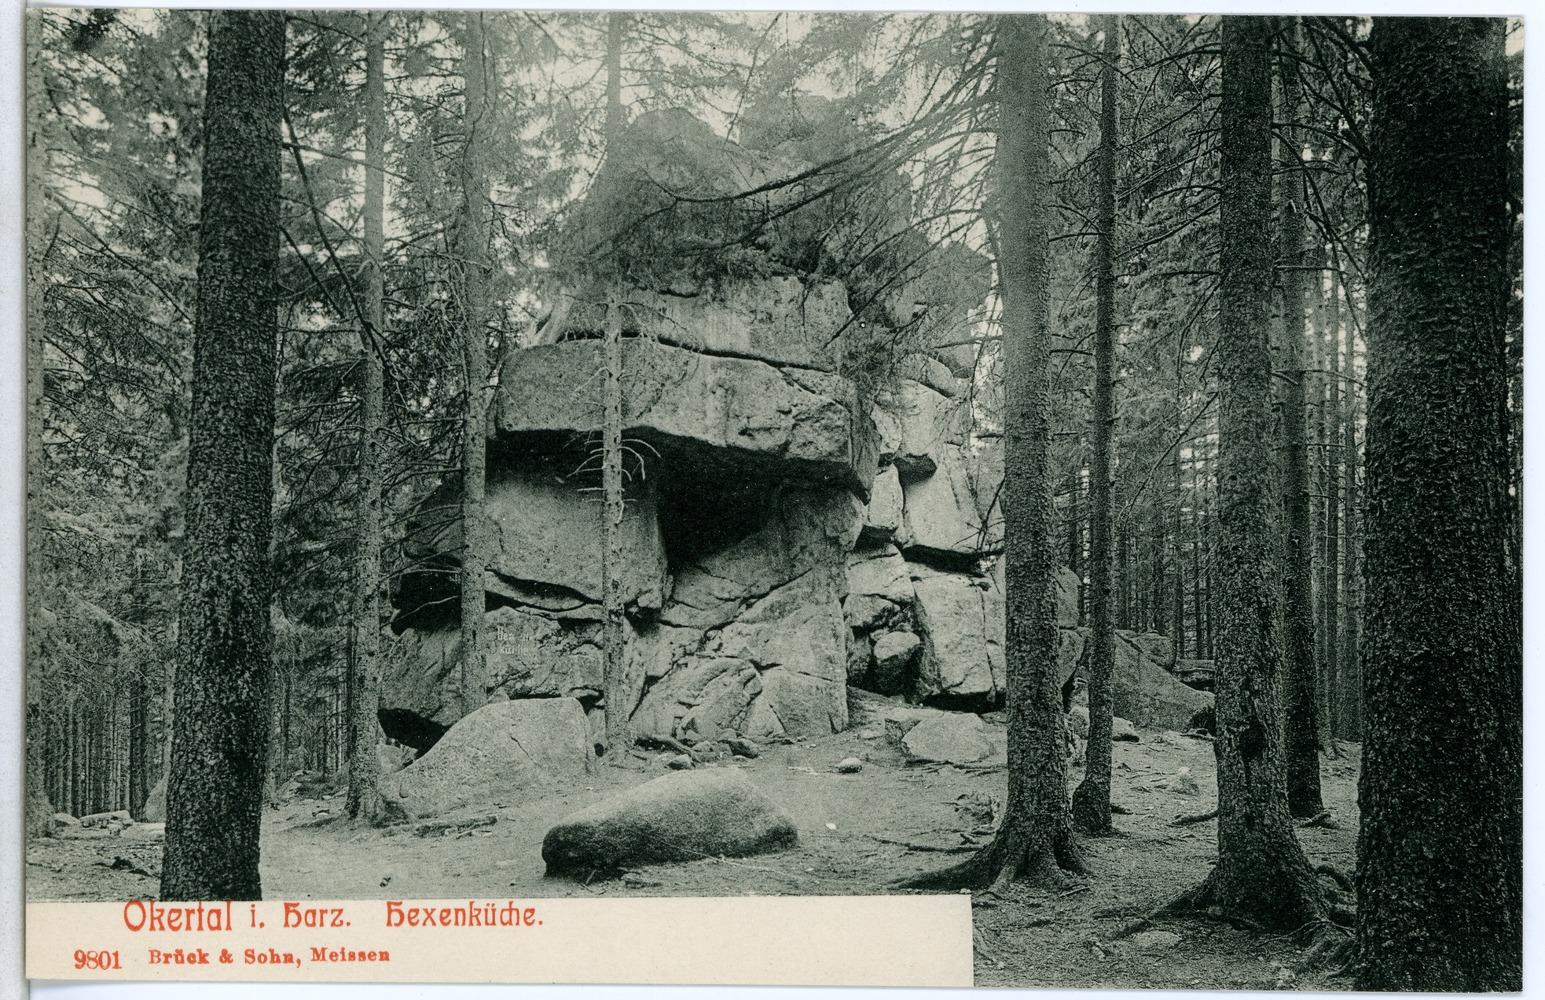 file:09801-okertal-1908-hexenküche-brück & sohn kunstverlag